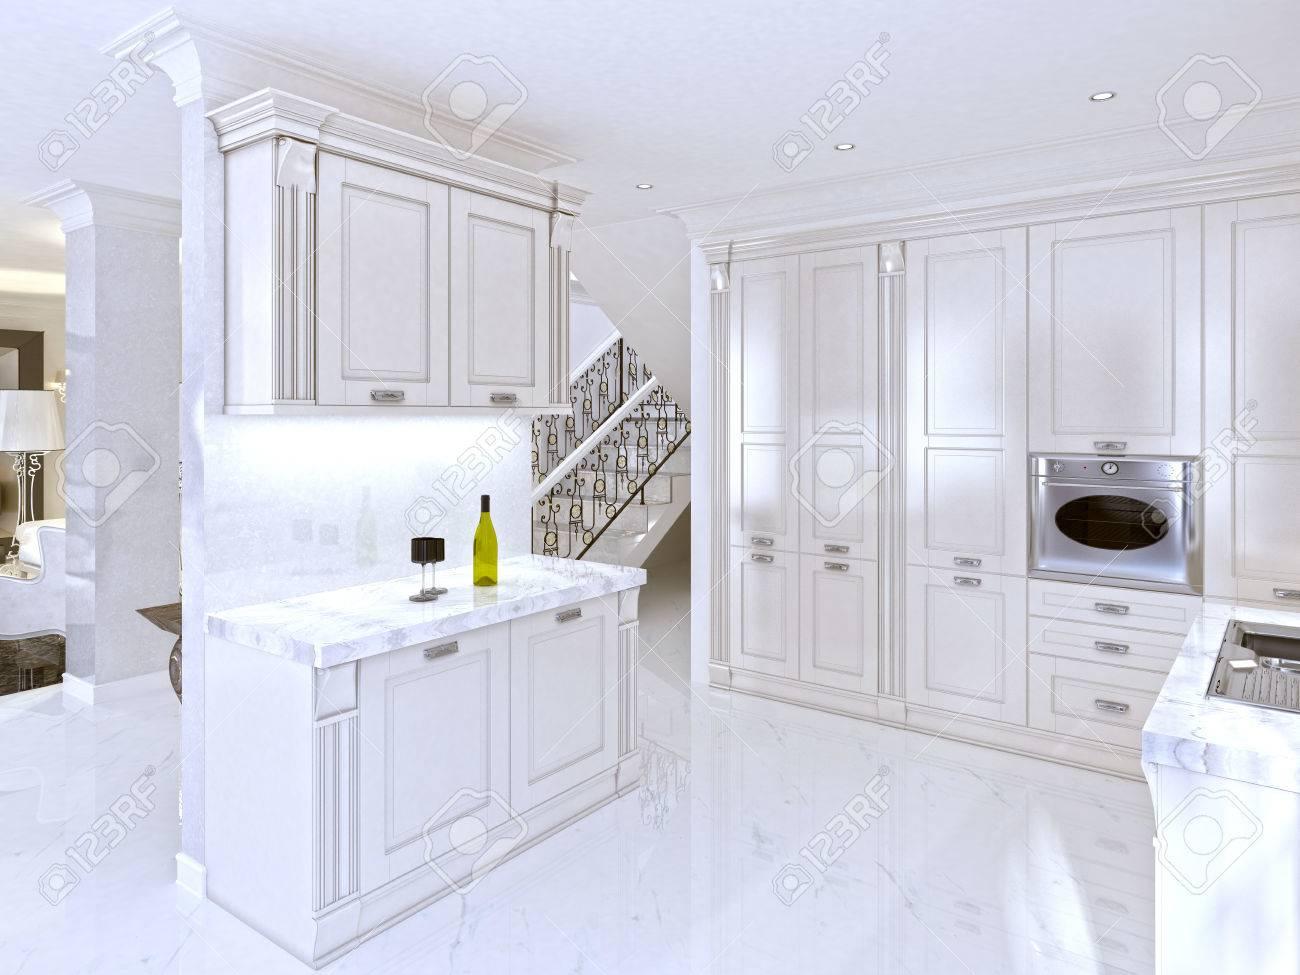 cuisine blanche spacieuse dans le style art déco avec appareils